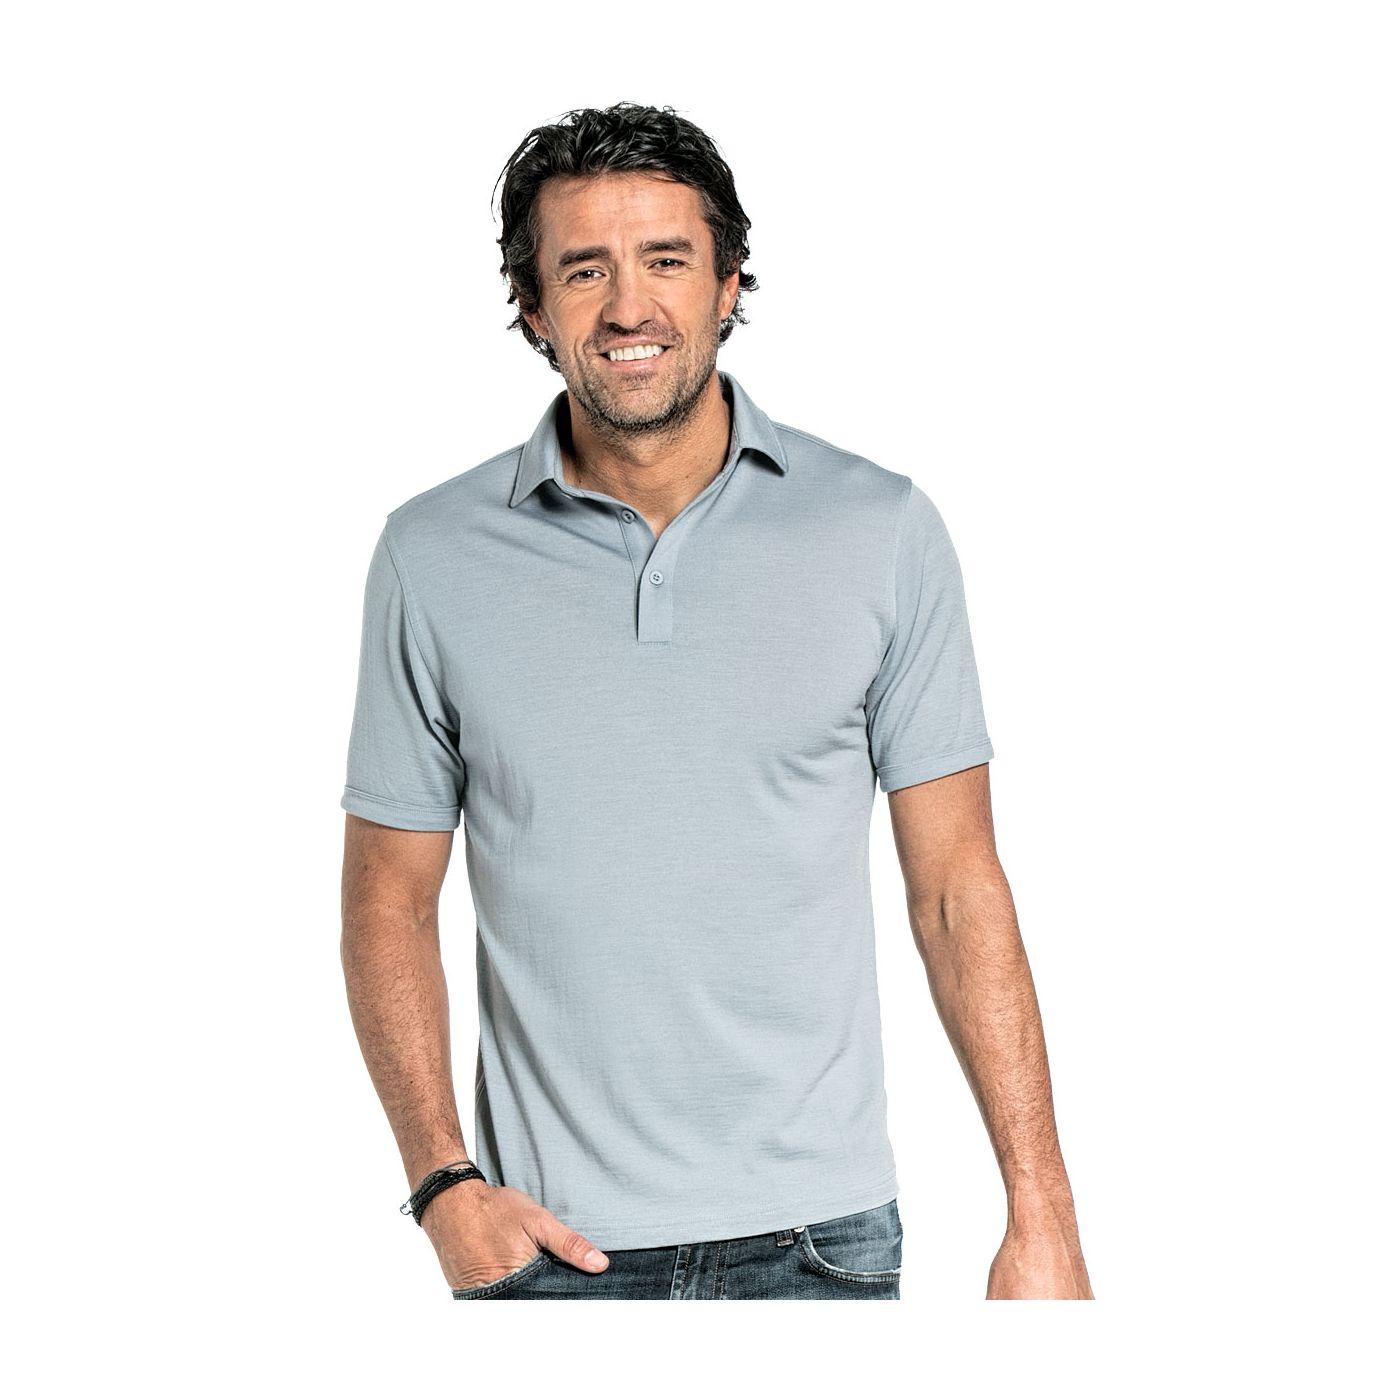 Poloshirt für Herren aus Merinowolle in Graublau